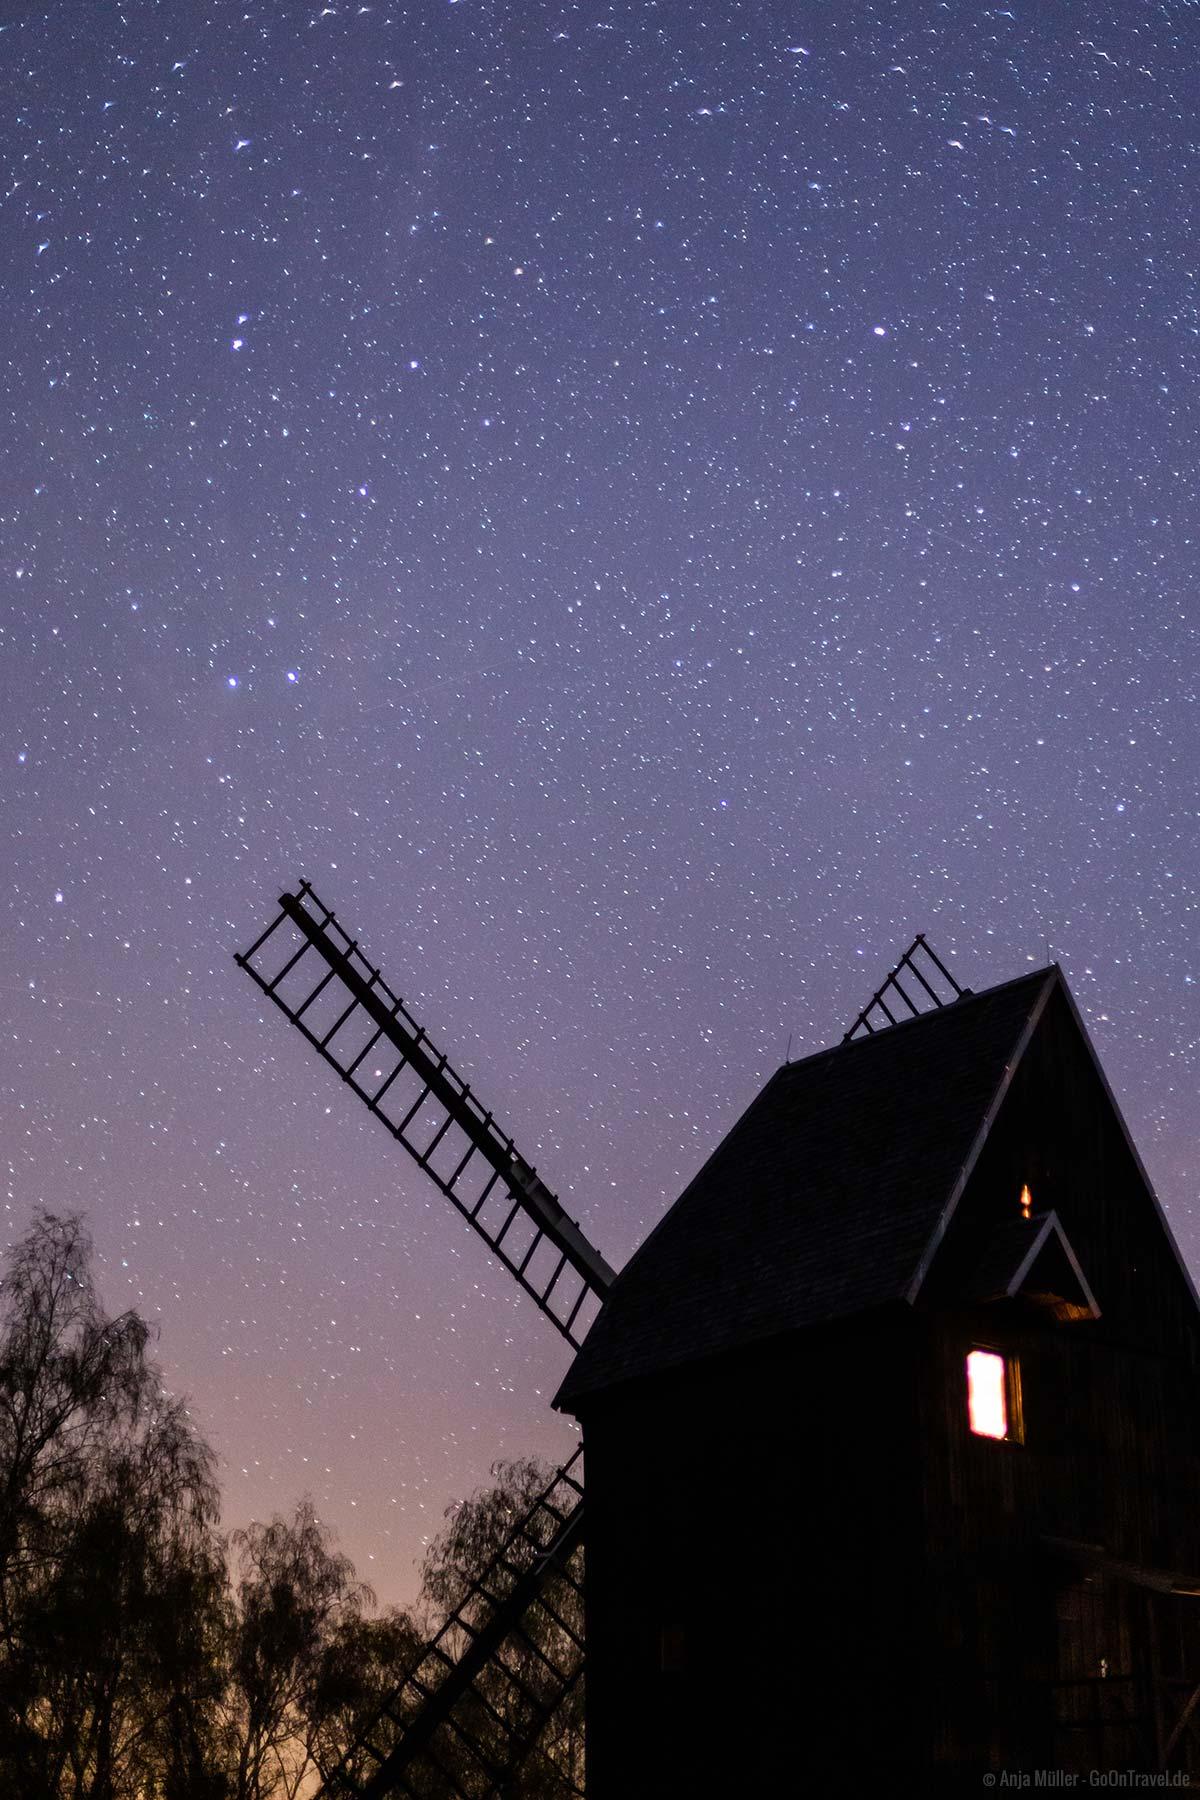 Bockwindmühle Prietzen in der Nacht